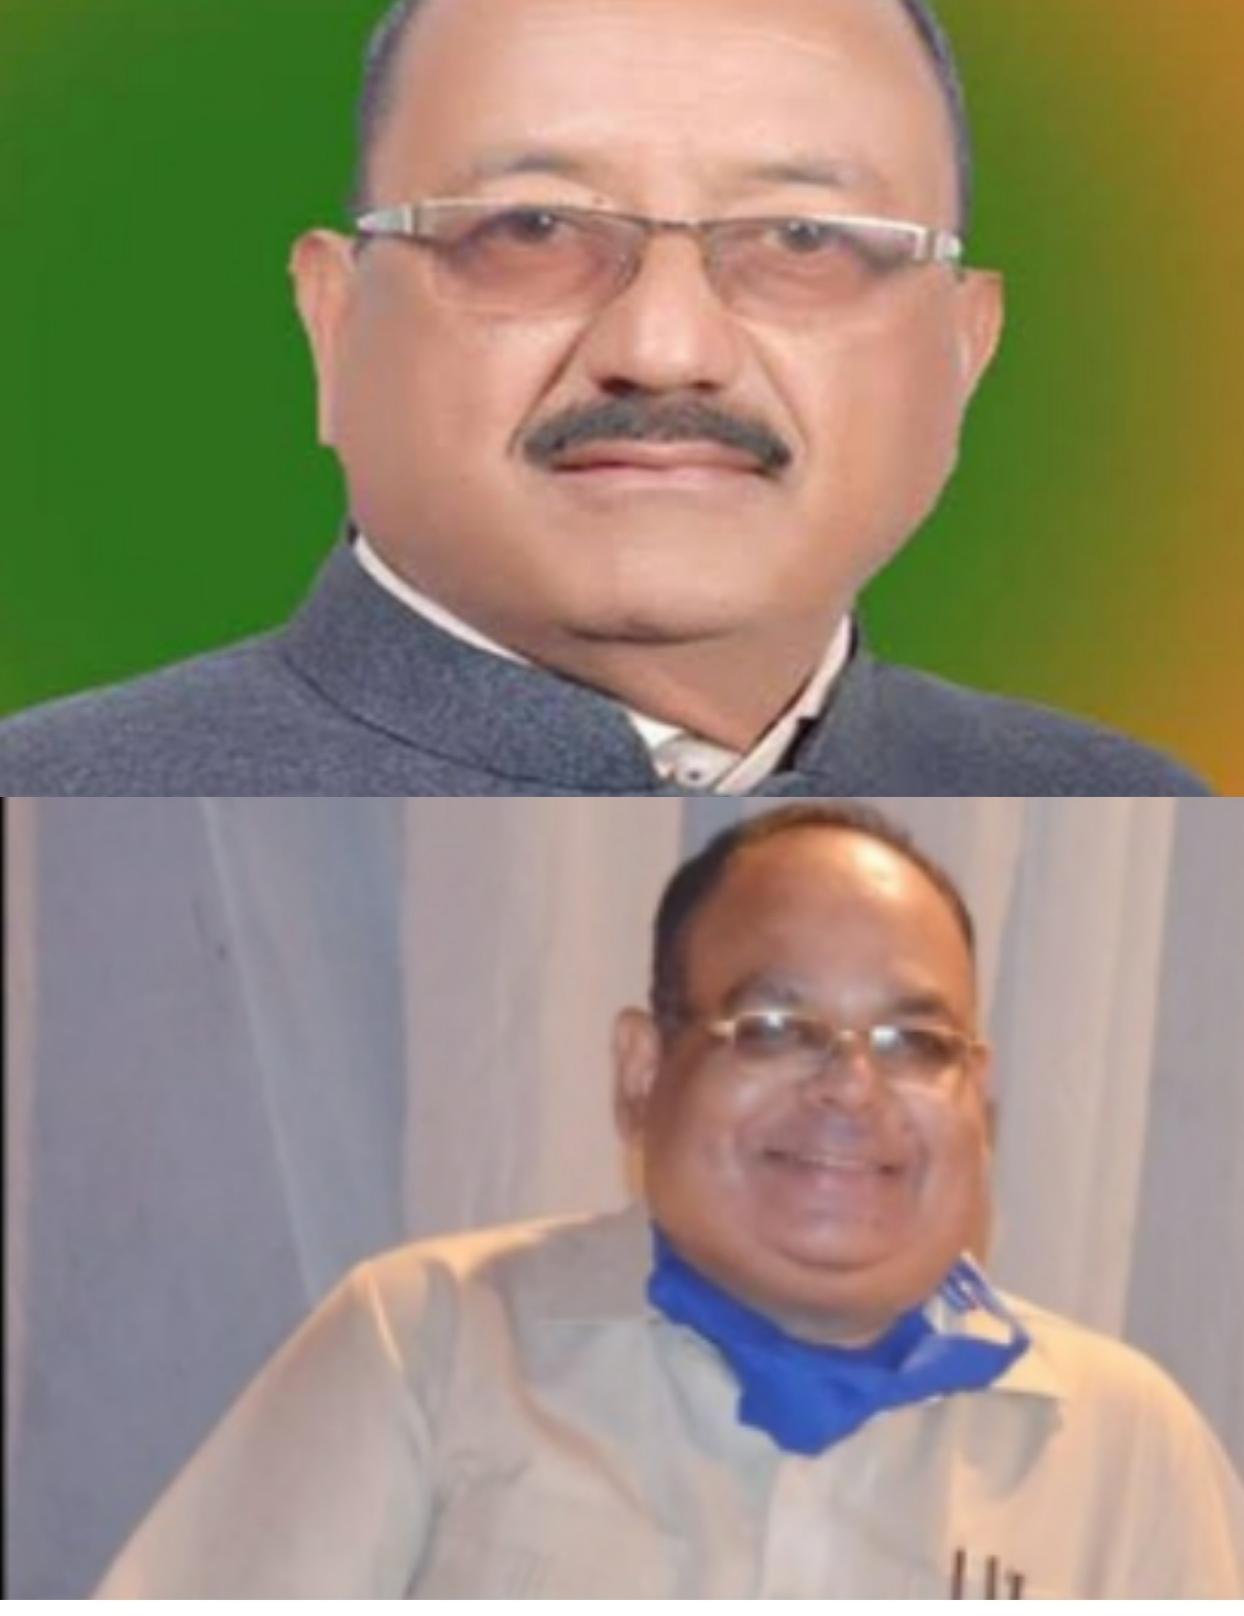 भाजपा विधायक और उप निदेशक सूचना योगेश मिश्रा भी कोरोना की चपेट में, एसटीएच में तीन की मौत